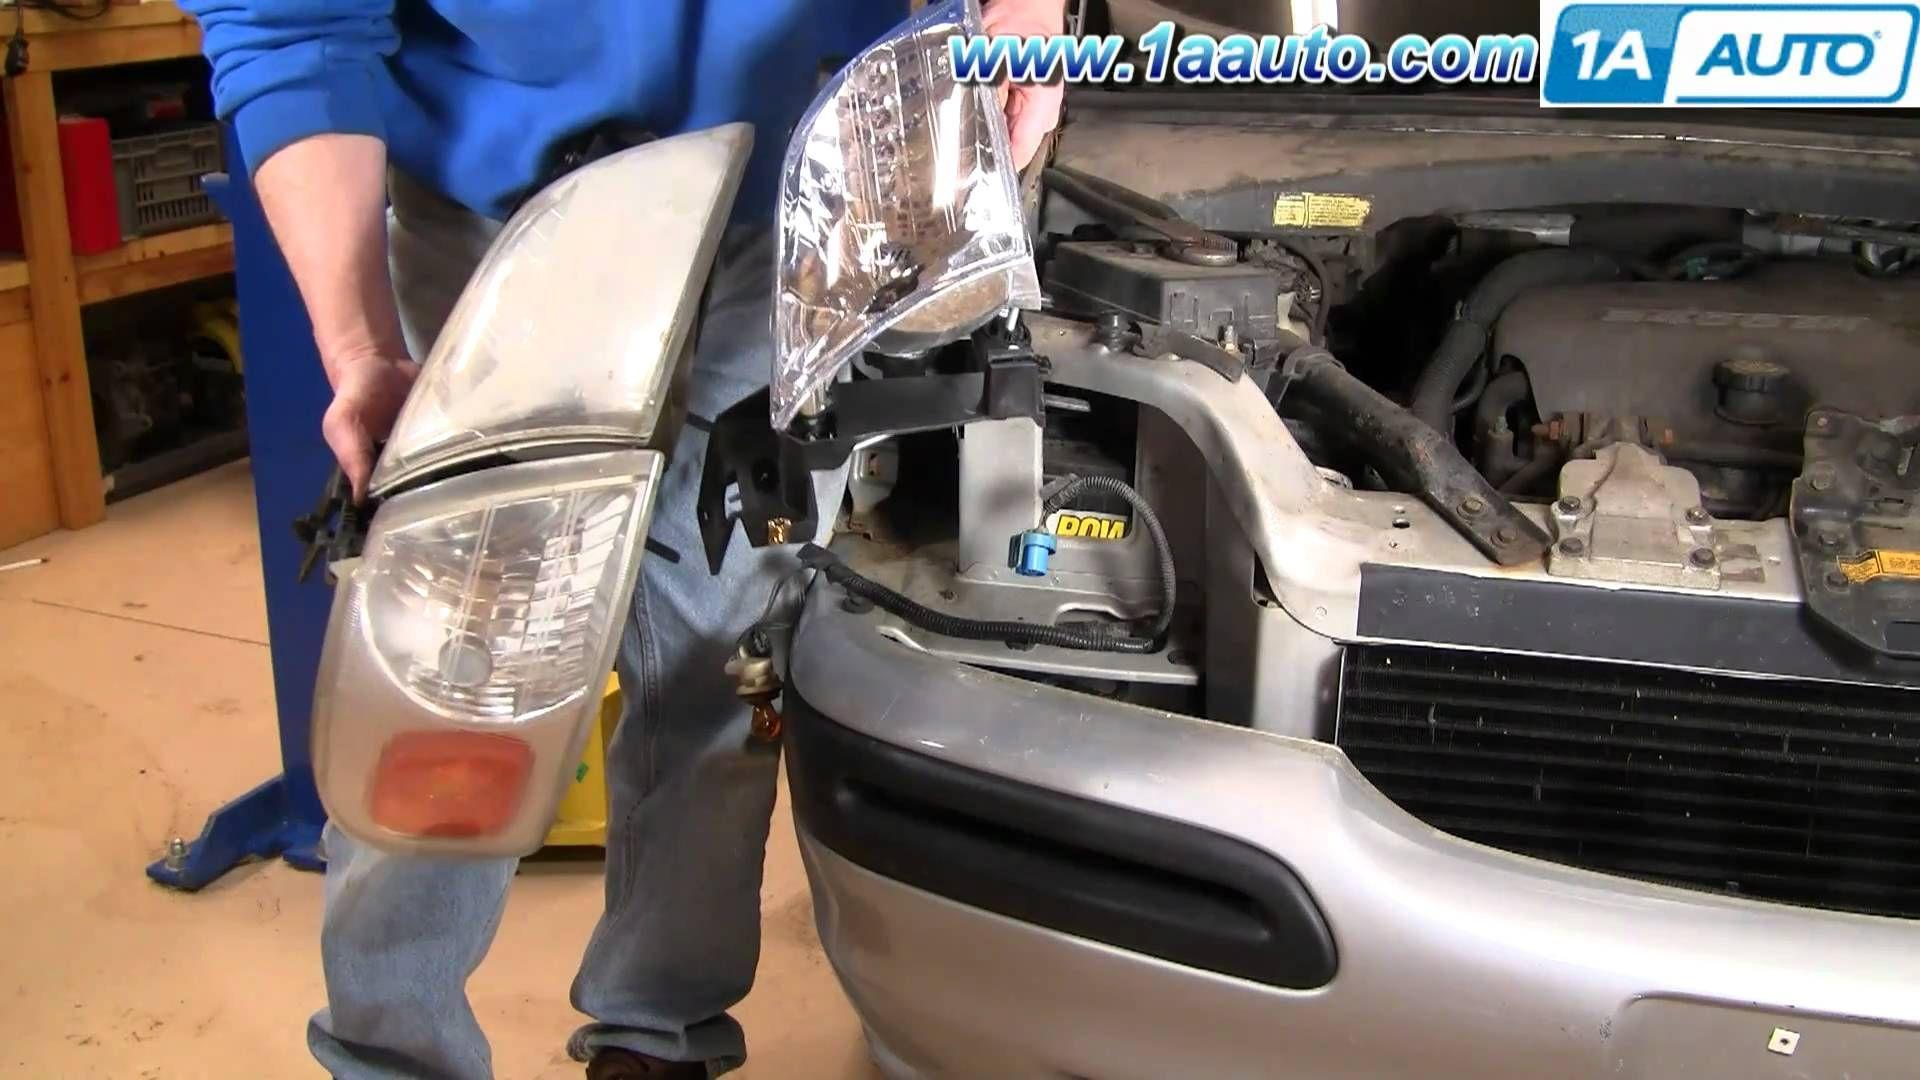 How to install replace headlight chevy venture pontiac montana more 97 0